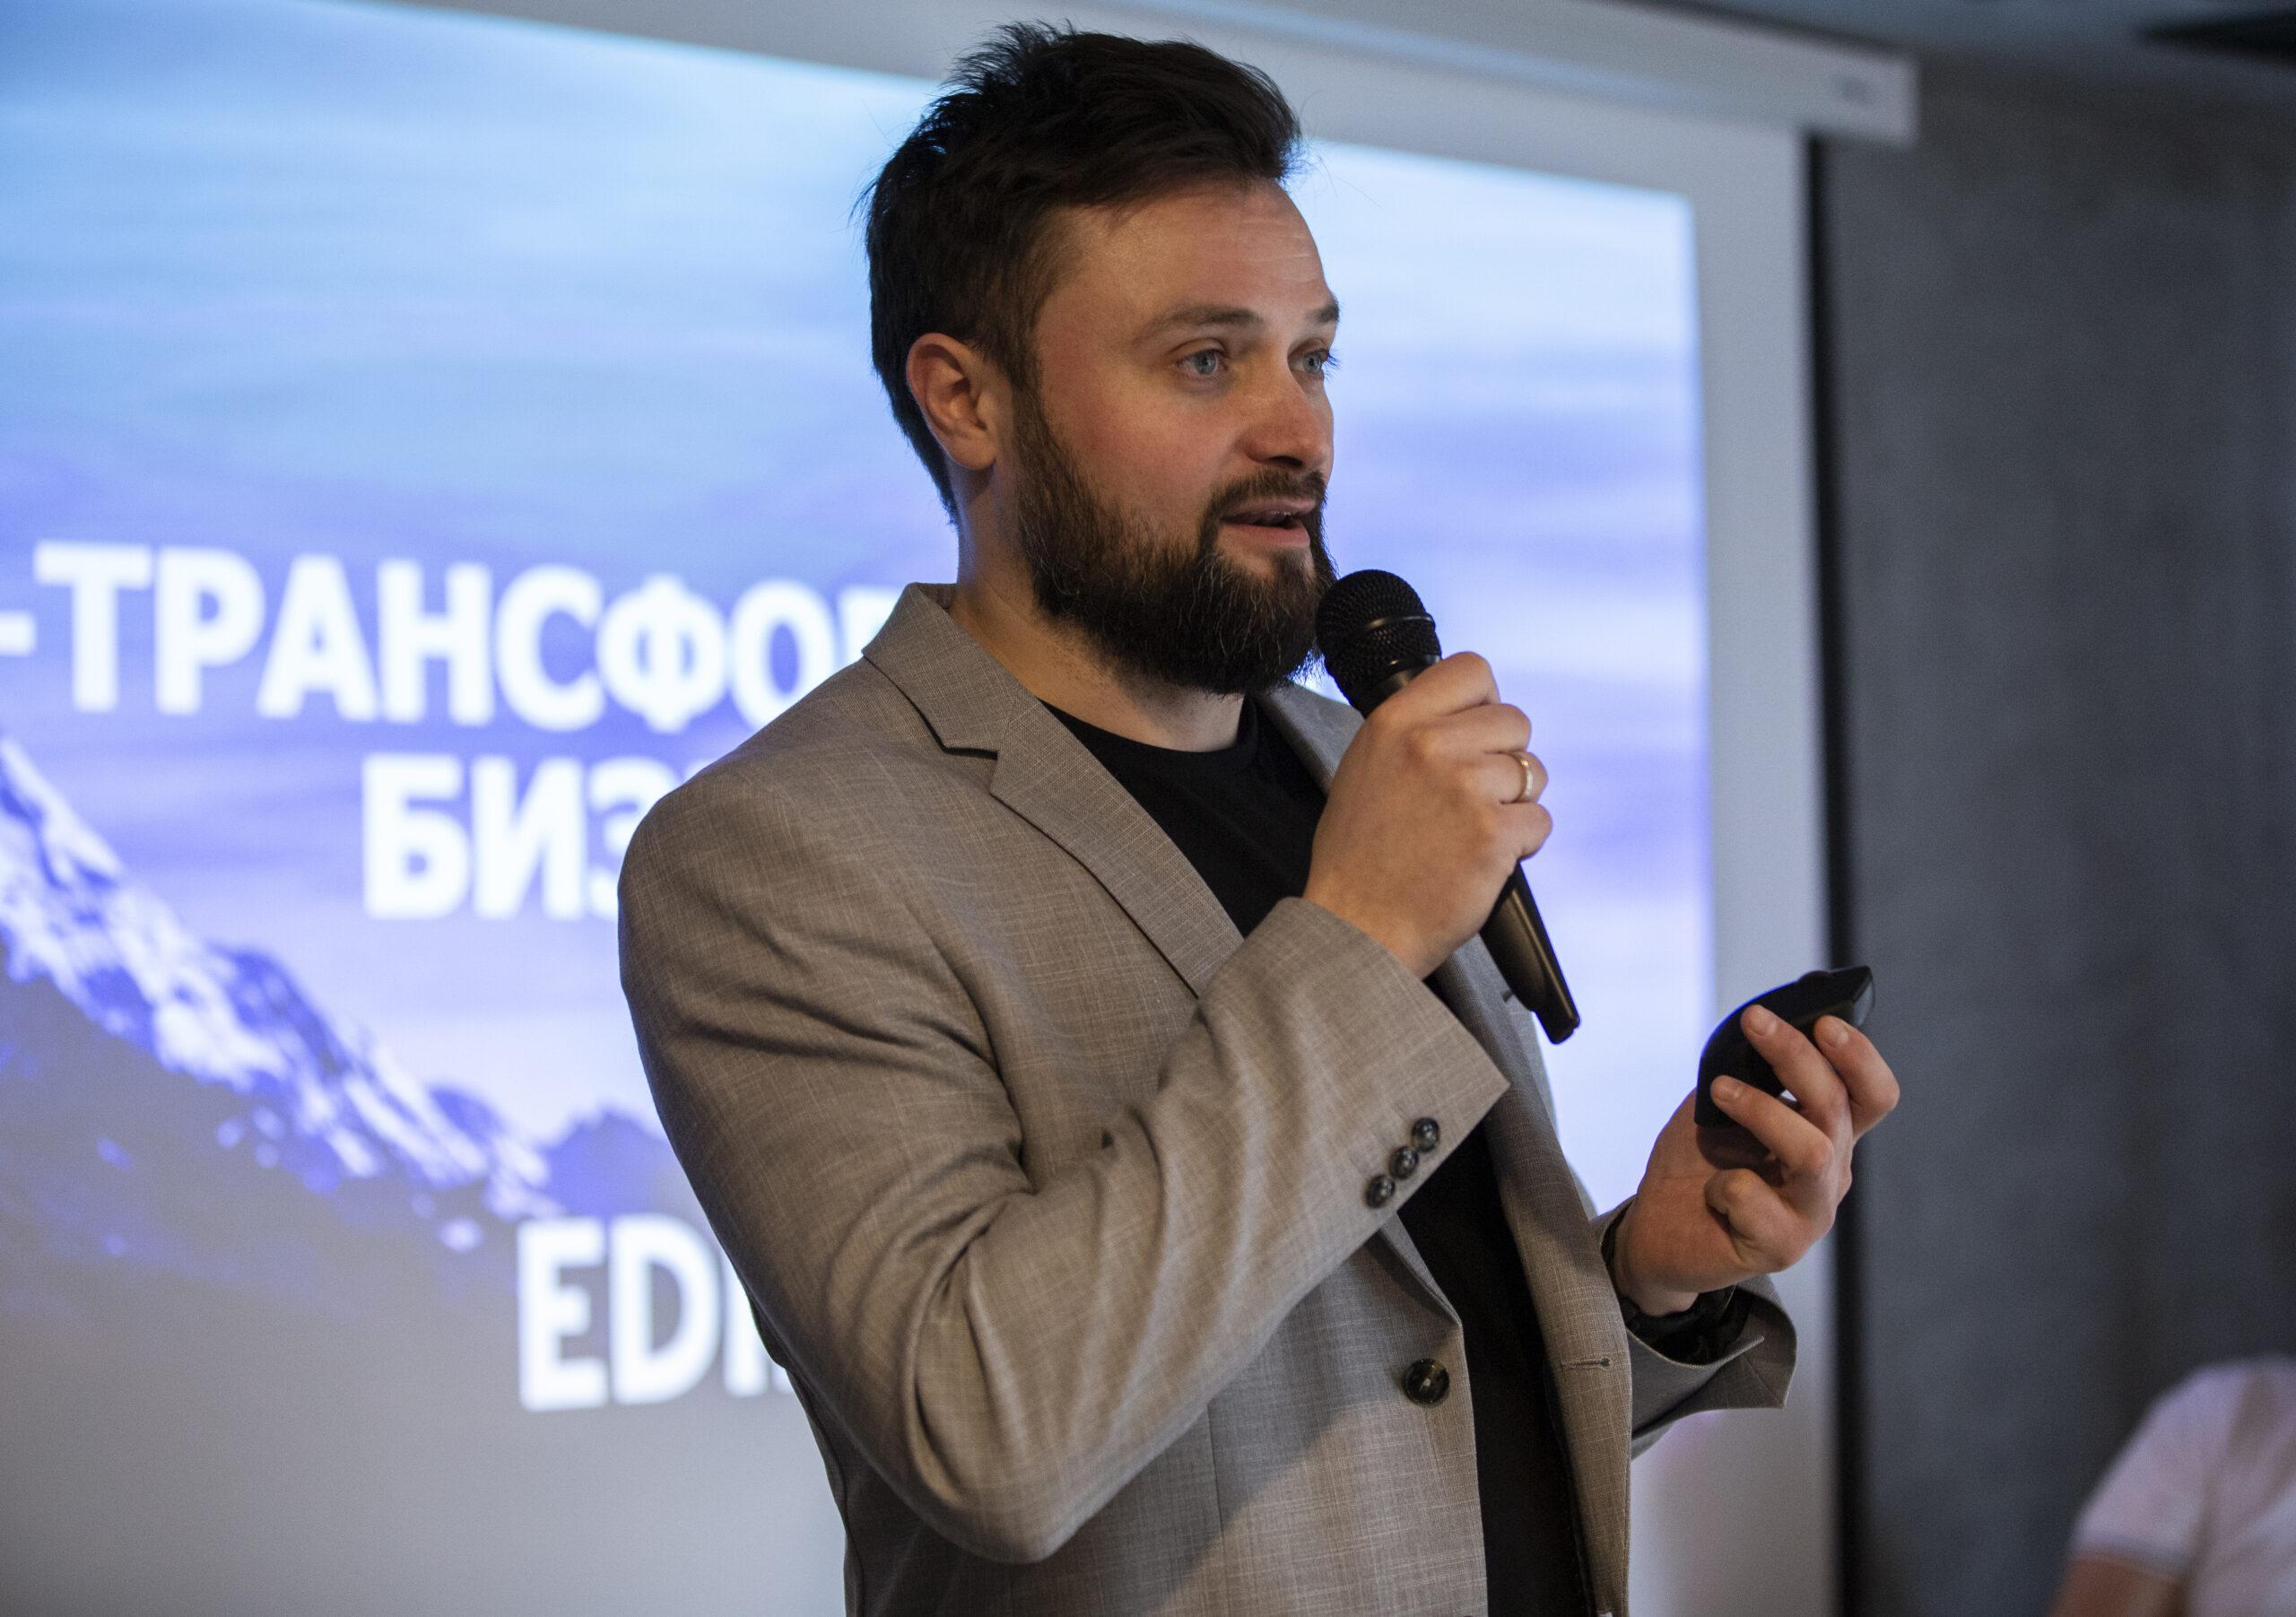 Вячеслав Сотник, директор по маркетингу и PR IT-компании EDIN, создатель маркетингового агентства MarketinGen